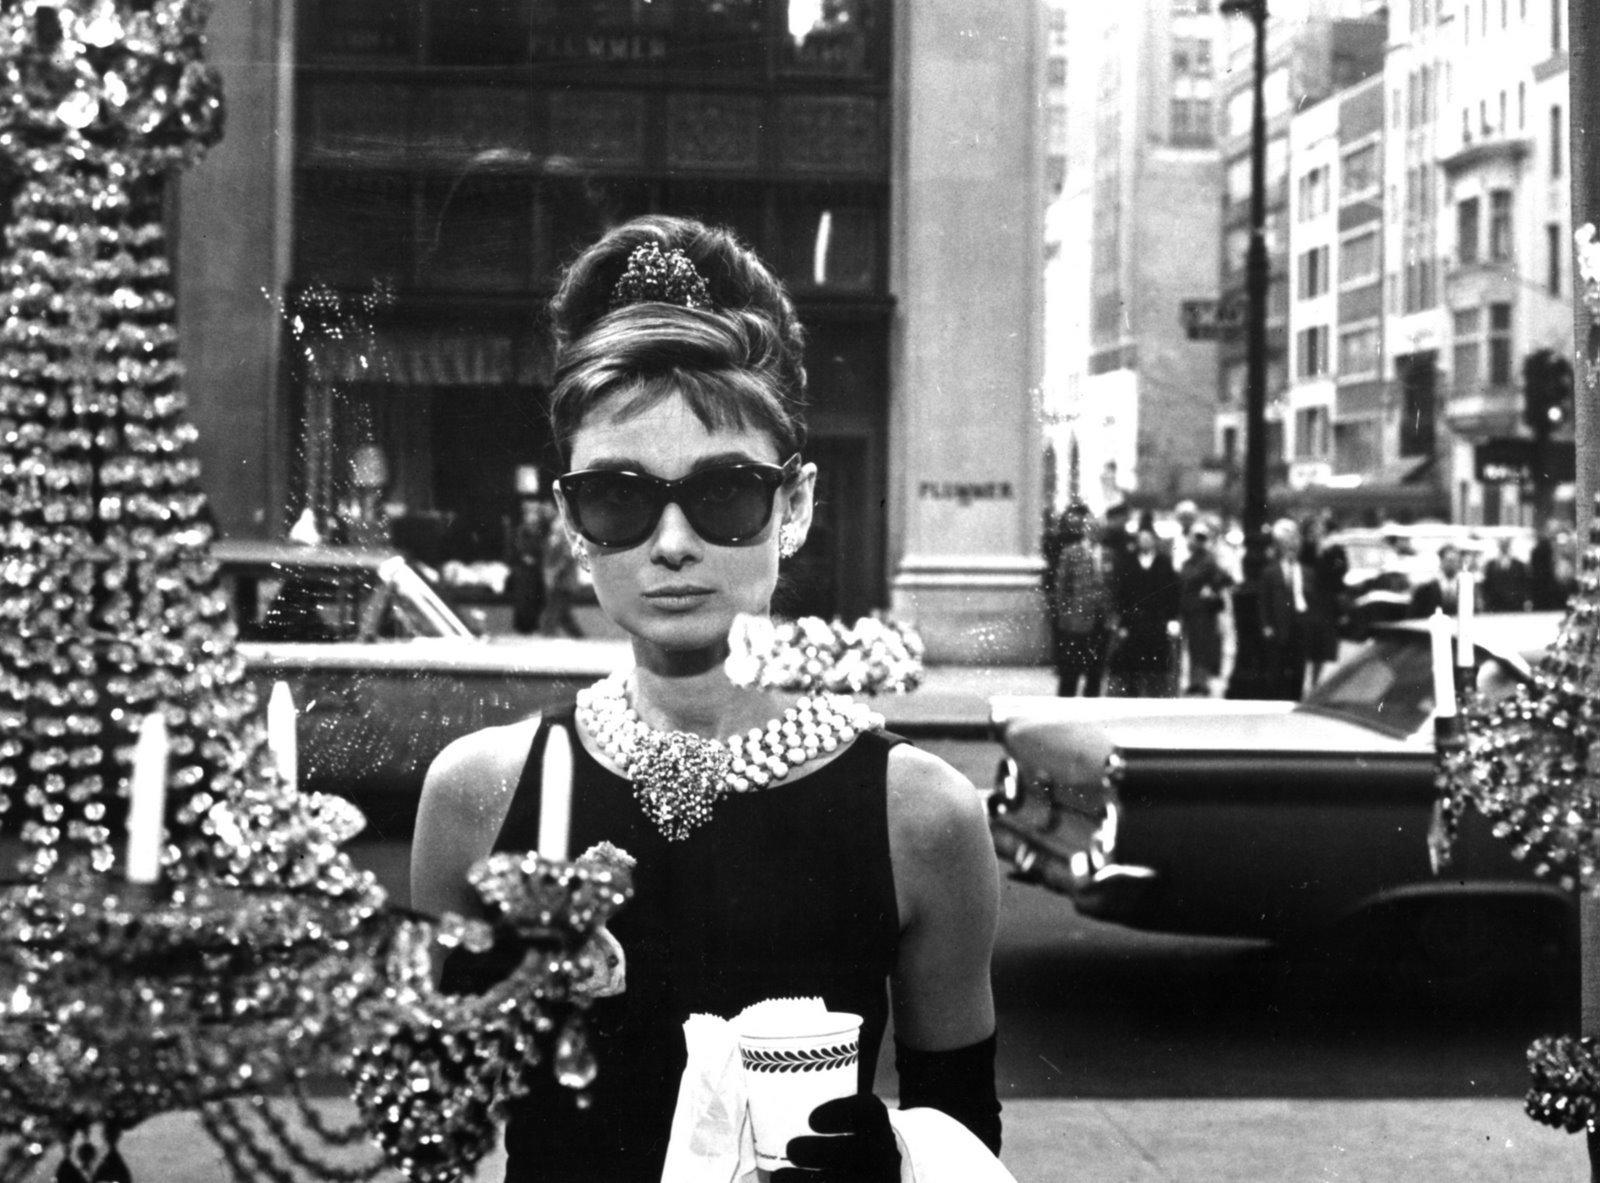 Ünlü - Audrey Hepburn  Duvarkağıdı